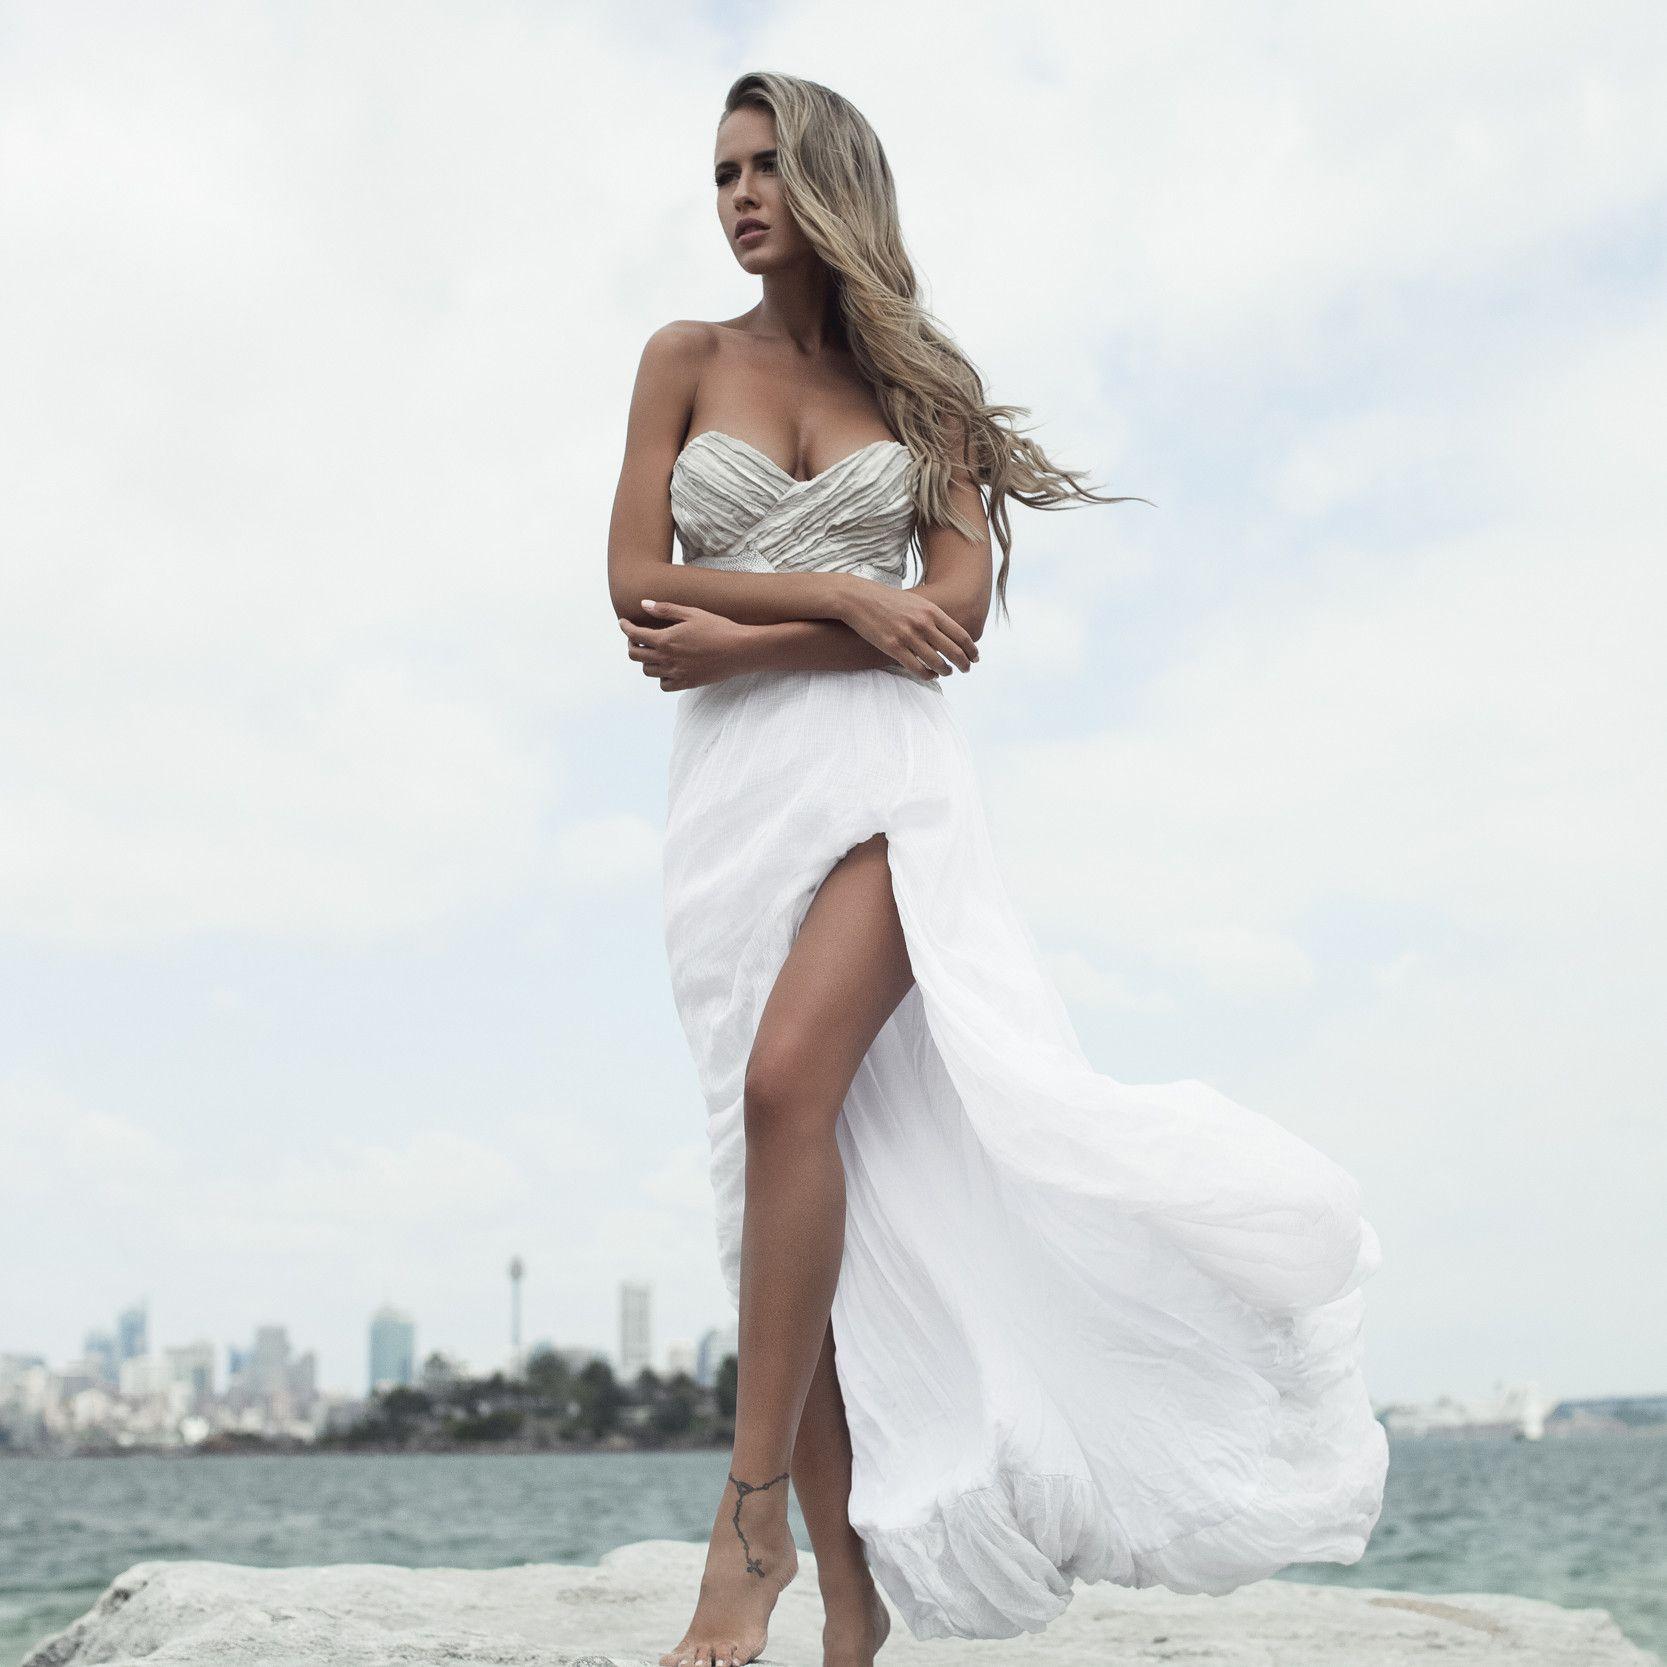 Feet Renee Somerfield nude (51 photo), Ass, Fappening, Twitter, in bikini 2017